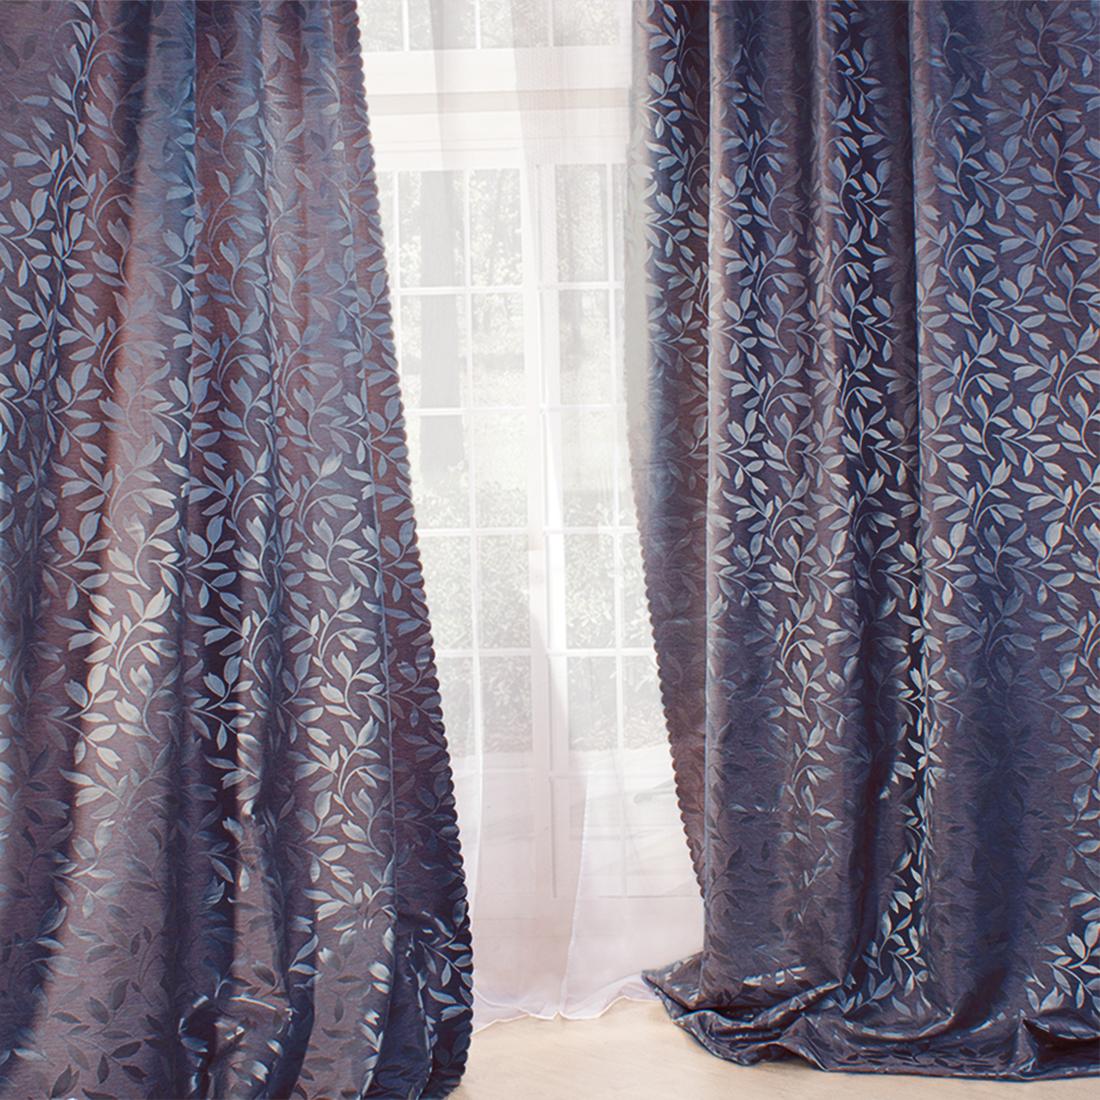 Шторы сделаны из жаккарда - ткани фактурного плетения, в которой нити очень плотно переплетены и образуют узорчатый рельеф. При таком плетении достигается очень высокая плотность нитей на единицу площади, поэтому всякий жаккард заведомо долговечнее любого другого материала, полученного одним из простых способов плетения. Петли перекручены, при растяжке не распускаются. Благодаря этому ткань жесткая, прочная, но не тяжелая, менее подвержена истиранию. Жаккард очень практичный материал, неприхотливый в уходе.Шторная лента — это тесьма, основное назначение которой – создавать драпировку. Вверху штора собирается с помощью тесьмы и образует ровные складки по всей длине занавески. В зависимости от типа тесьмы частота и вид складок могут быть различными. За счет складок сама штора выглядит динамично и пышно. Повесить штору на шторной ленте можно при помощи крючков или колец, которые необходимо приобретать отдельно или же они поставляются в комплекте с карнизом.Eleganta — молодой китайский бренд, вдохновленный европейскими дизайнами. В ассортименте бренда текстиль, призванный создавать уют и добавлять изящности интерьеру. В производстве продукции Элеганта используются качественные фабричные ткани и европейские технологии, что позволяет достичь первоклассного качества.ВНИМАНИЕ! Комплектация штор может отличаться от представленной на фотографии. Фактическая комплектация указана в описании изделия.Производитель: ElegantaCтрана бренда: КитайКлассические шторыМатериал портьеры: ЖаккардСостав портьеры: 100% полиэстерРазмер портьеры: 150х270 см (2 шт.)Вид крепления: ЛентаРекомендуемая ширина карниза (см): 150-200Особенность: С подхватамиЗаказывая шторы нужно помнить, что полотно портьеры (2 шт. для 1 окна) и гардины (1 шт на окно) не вешается «в натяжку». Исключение составляют римские и японские шторы. Все остальные модели предусматривают образование складок, а для этого ширина шторы должно быть больше длины карниза (как правило в 1.5-2.5 раза). Чем больше соотношение тем гуще скл